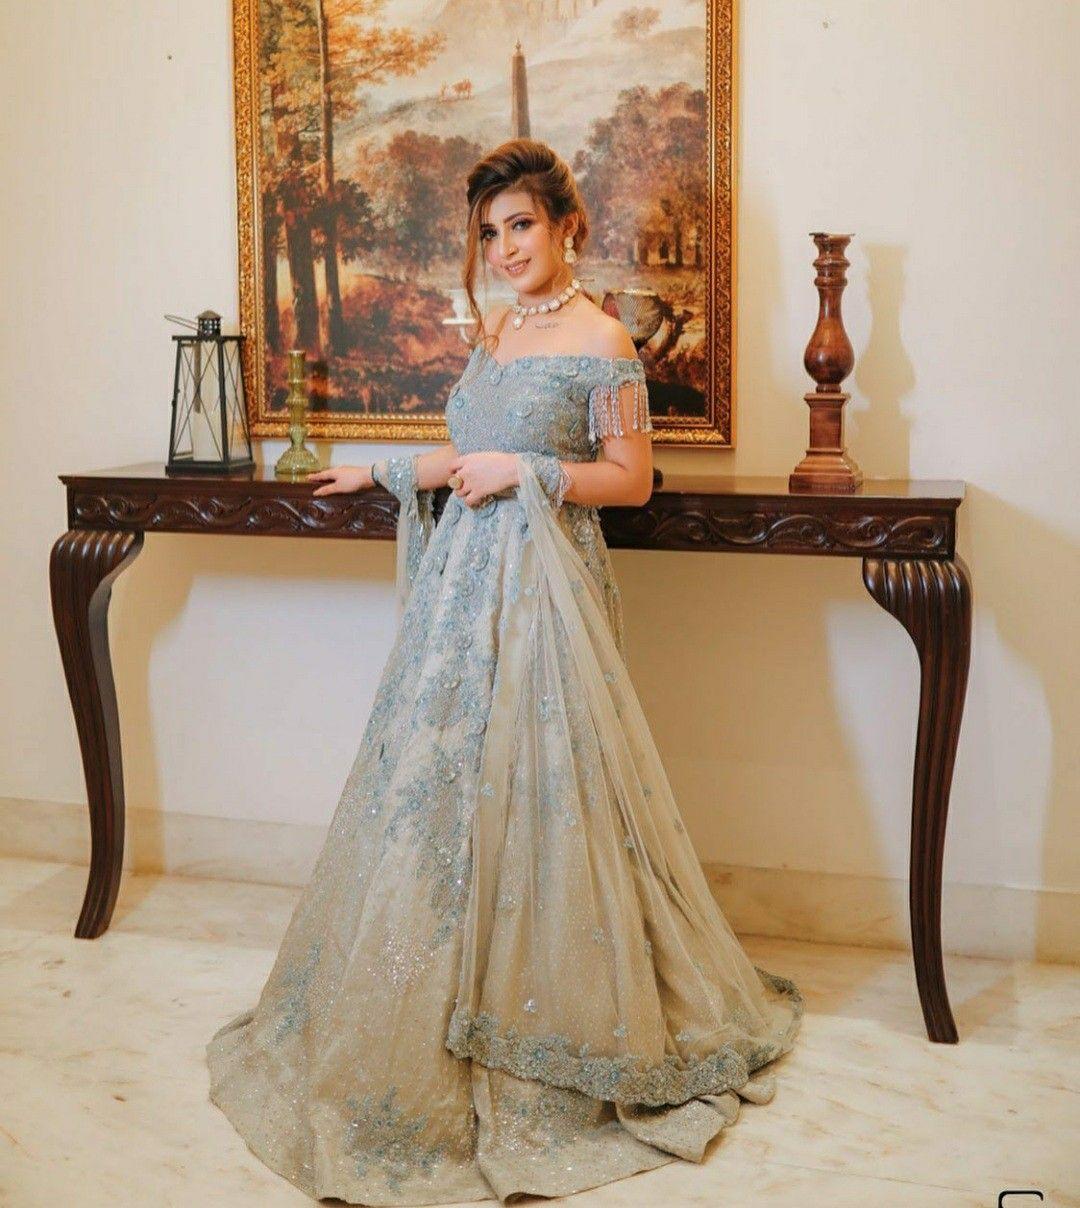 Pin By Srishti Kundra On Desi Attire Formal Dresses Victorian Dress Formal Dresses Long [ 1208 x 1080 Pixel ]